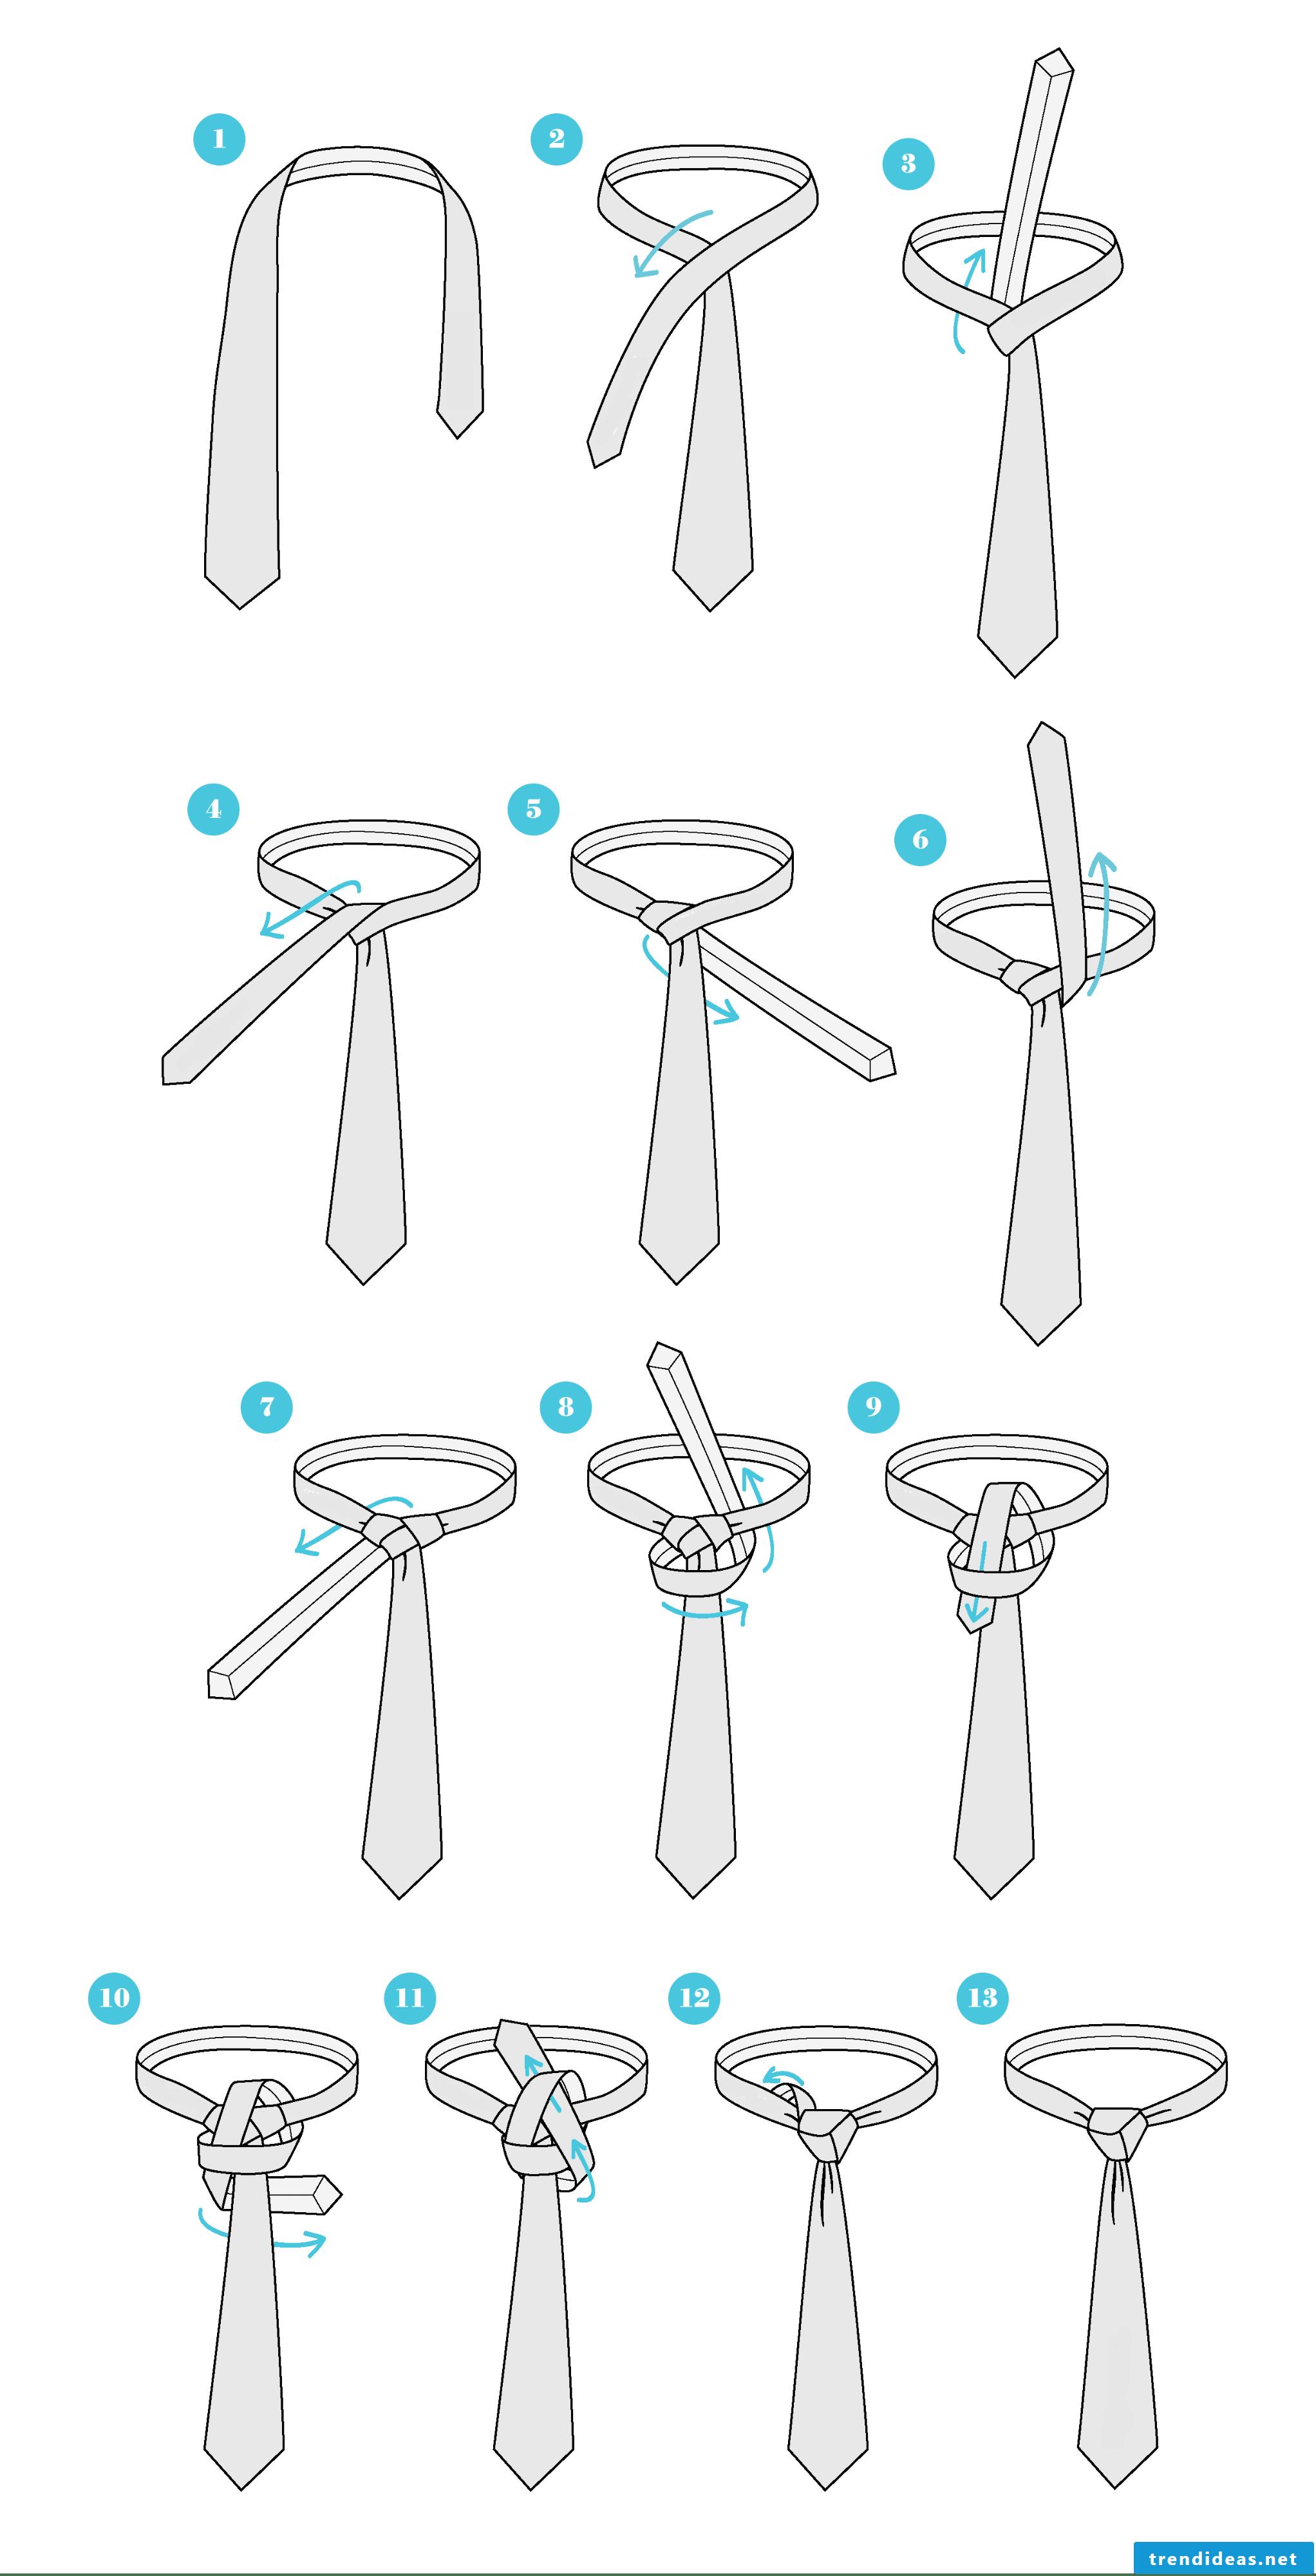 How do I tie a tie with Trinity knots?